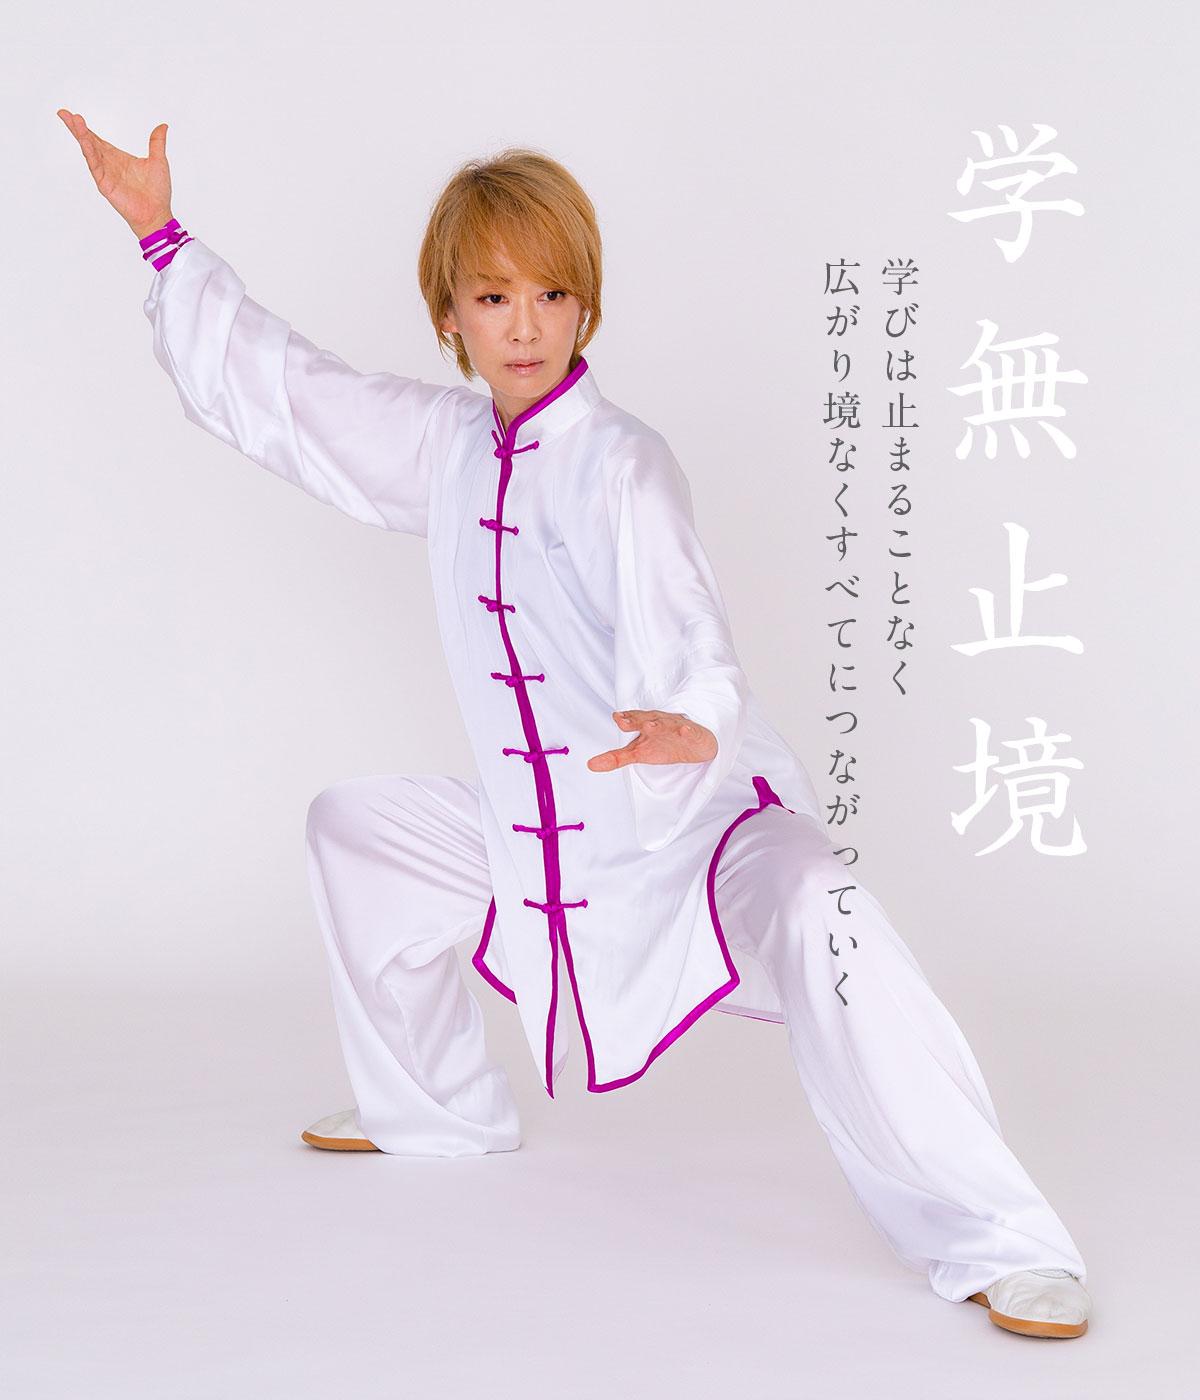 梅澤多賀子が教える太極拳教室 プラムタイチ